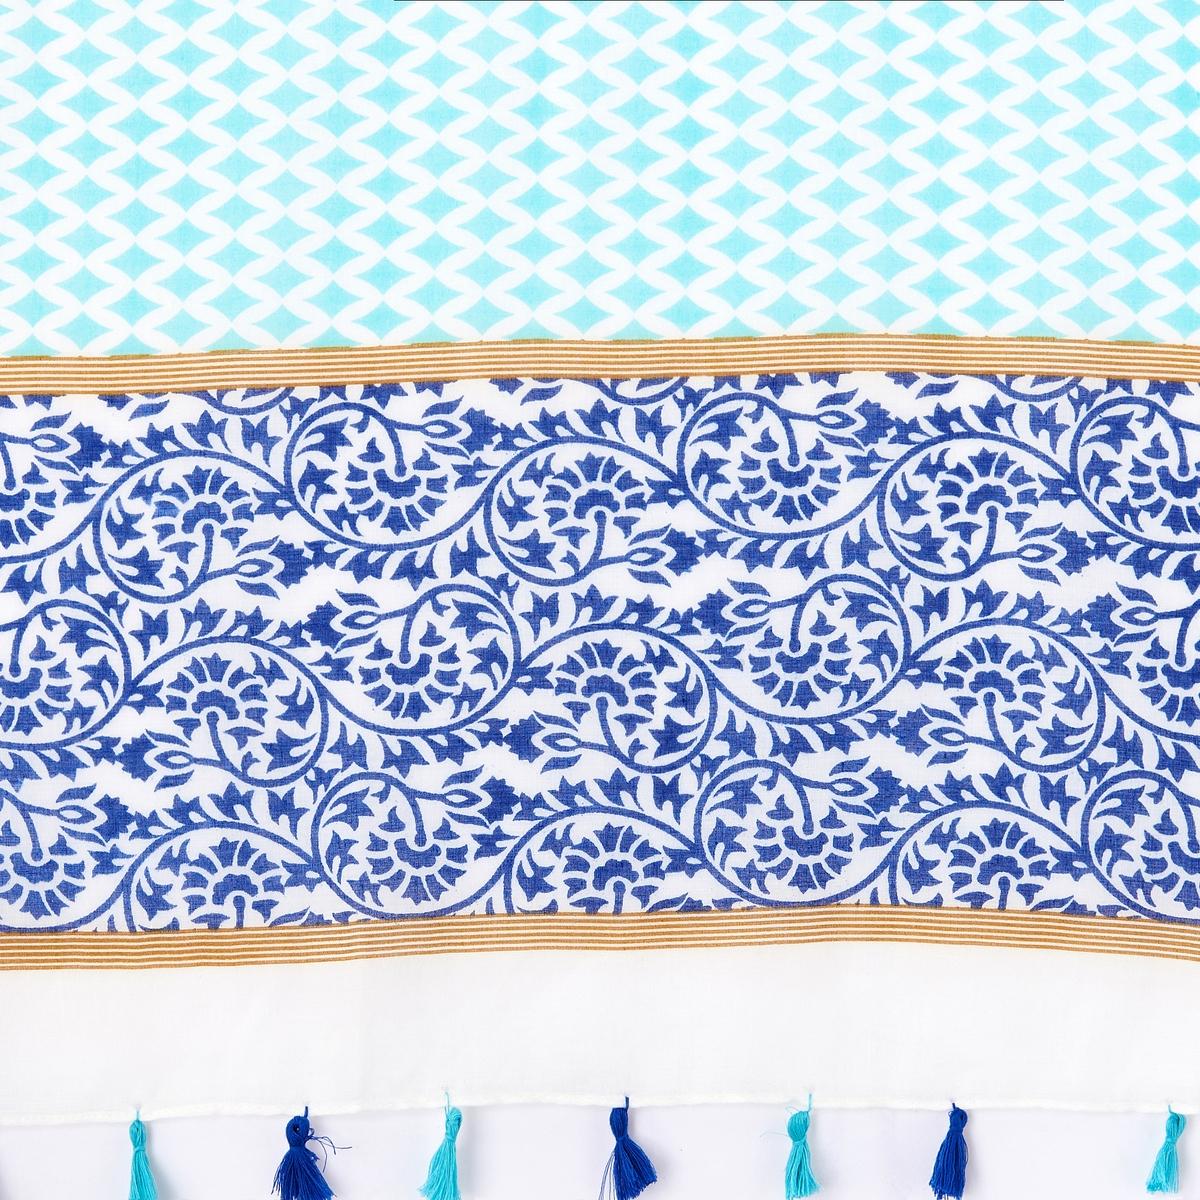 Платок с рисункомОписание:Платок с красивым рисунком и кисточками : можно сочетать по желанию с джинсами и элегантными нарядами.Состав и описание :Материал : 50% хлопка, 50% вискозыРазмеры : 190 х 95 см<br><br>Цвет: синий/бирюзовый,фуксия/ оранжевый<br>Размер: единый размер.единый размер